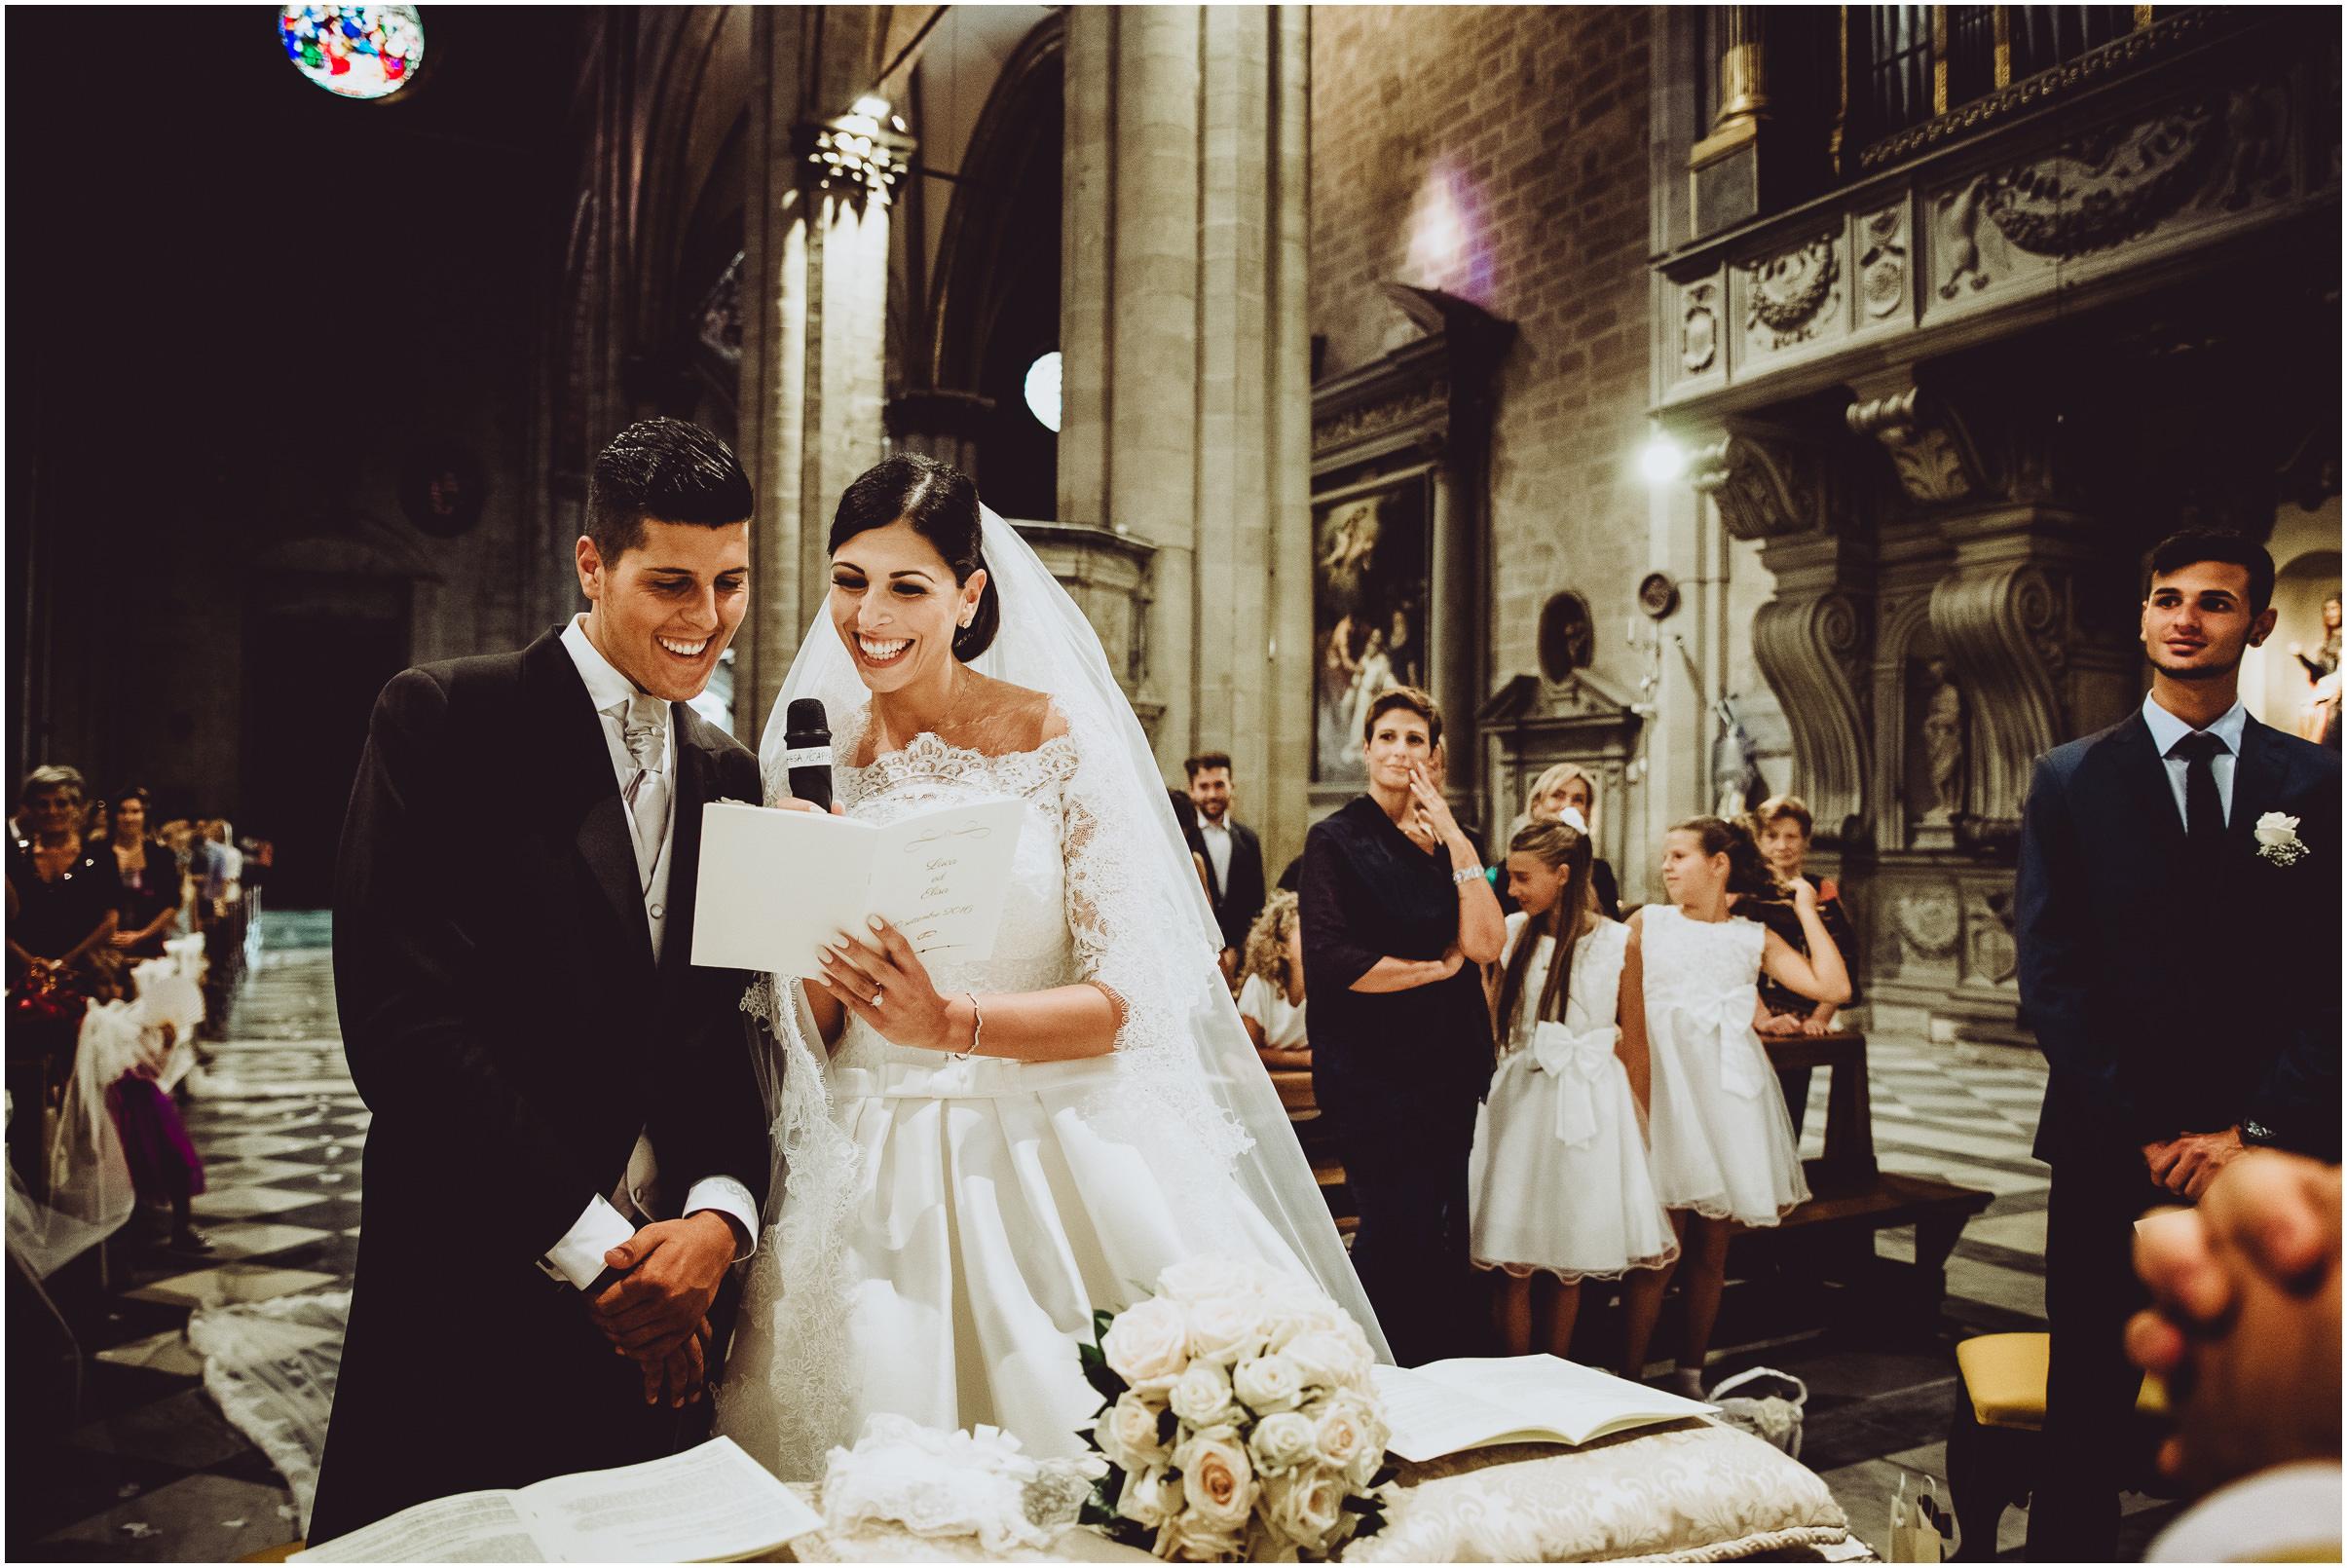 WEDDING-PHOTOGRAPHY-SARA-LORENZONI-FOTOGRAFIA-MATRIMONIO-AREZZO-TUSCANY-EVENTO-LE-SPOSE-DI-GIANNI-ELISA-LUCA019